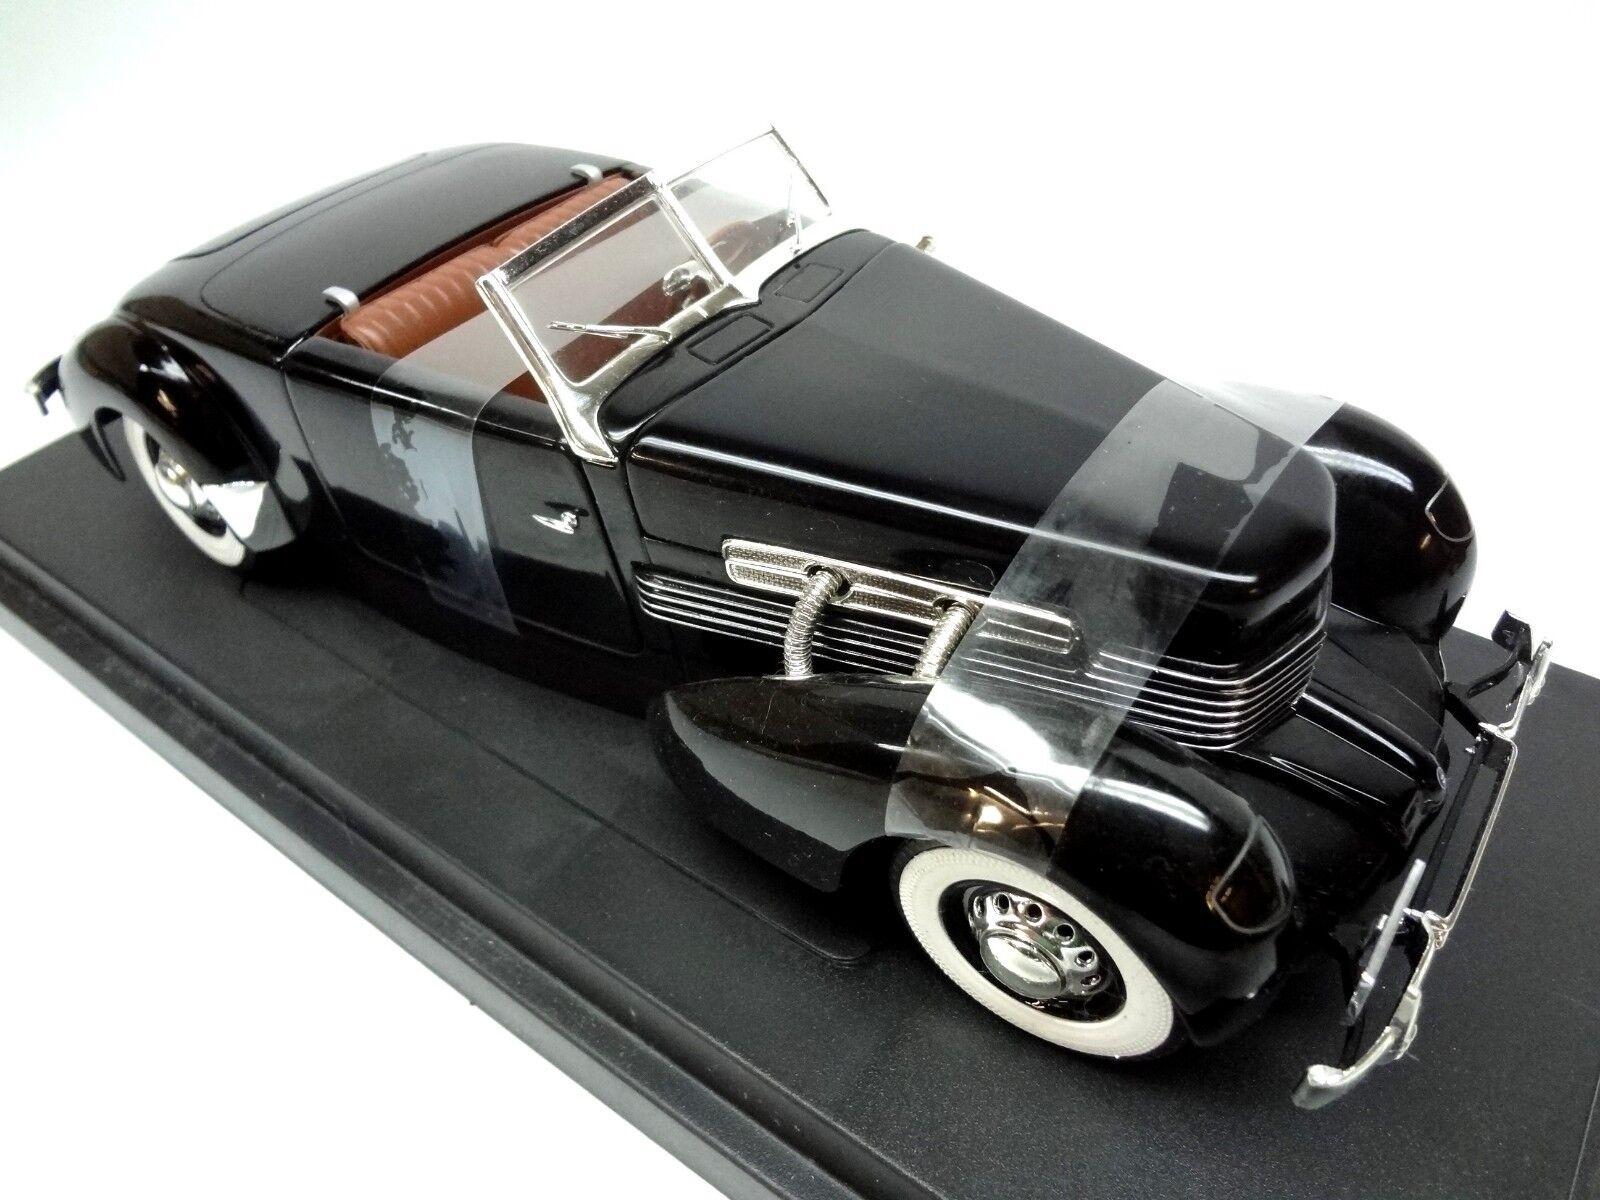 1937 Cordon Modèle 812 Sportsman Super Charged 1 18th Scale Diecast ERTL El 810 L29